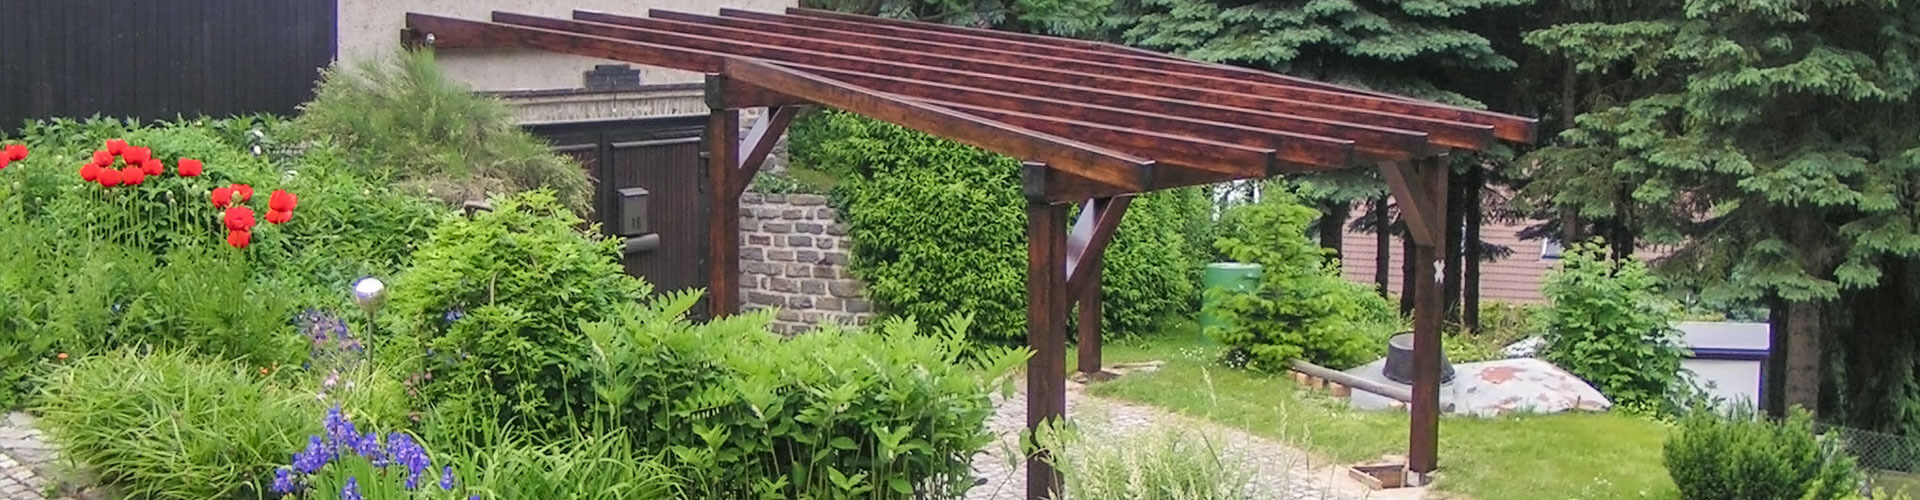 Carport - WMK Holzbau und Zimmerei